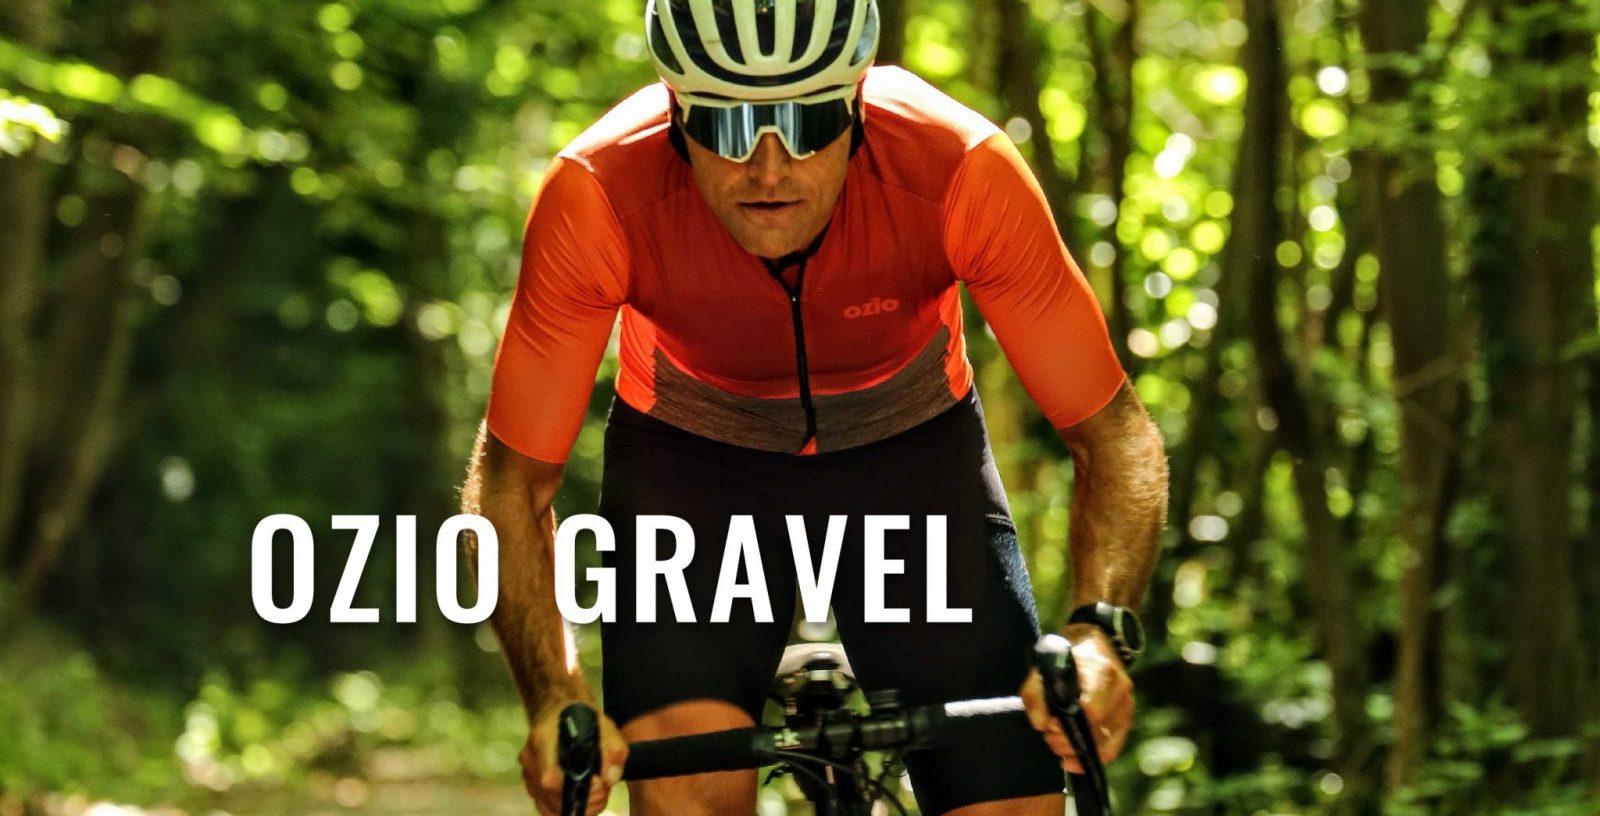 Ensemble maillot et cuissard de vélo Gravel OZIO